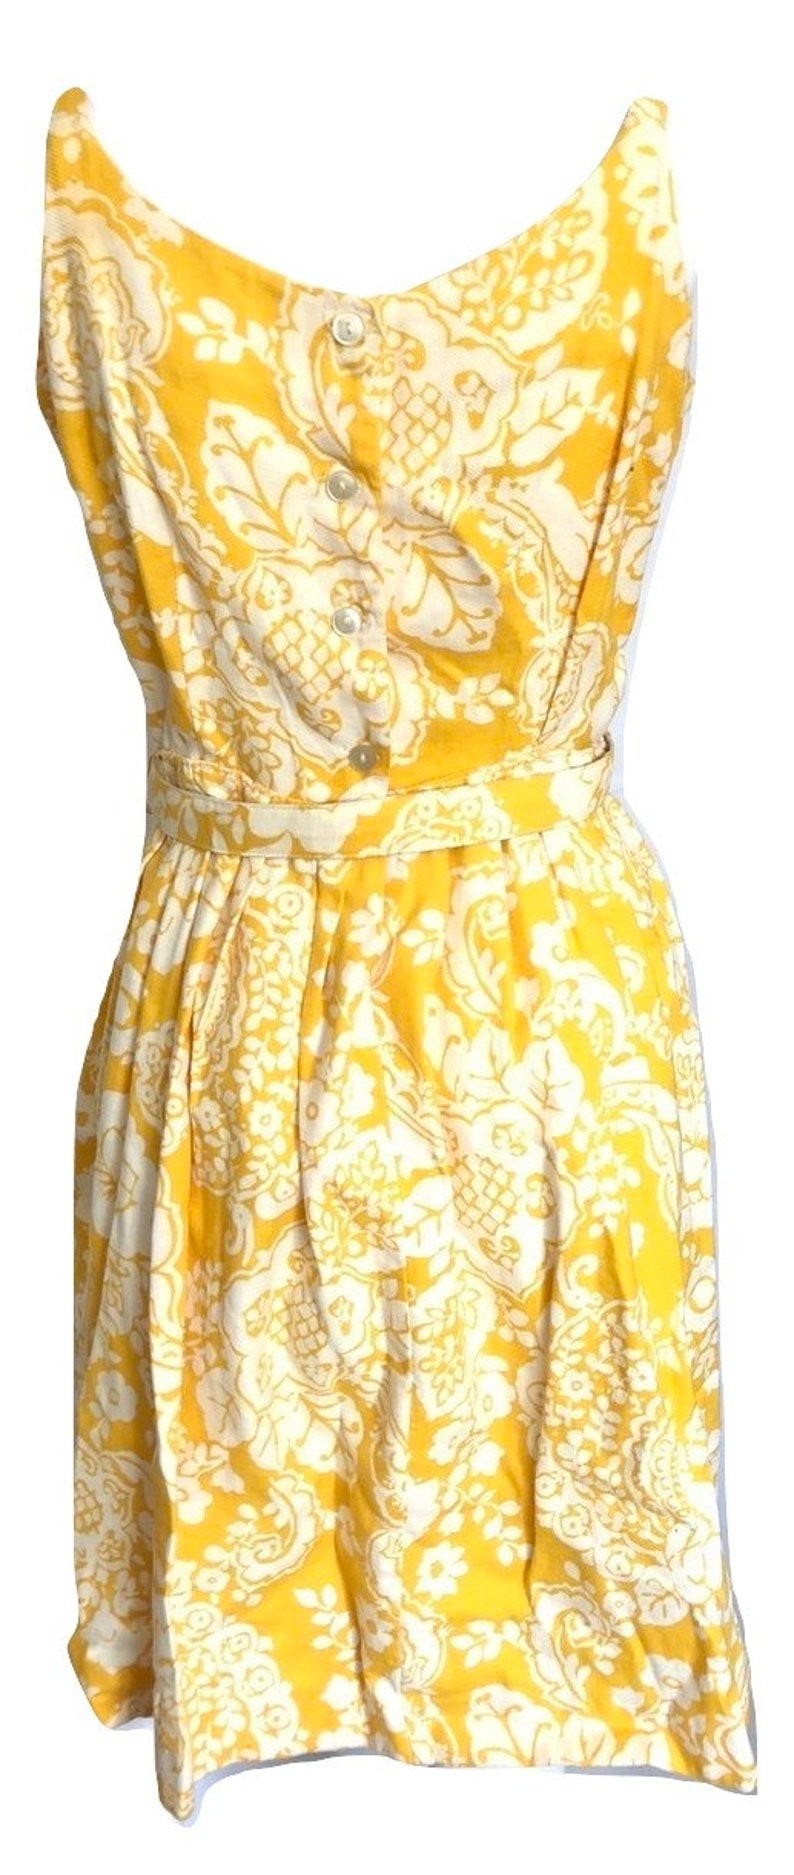 Vintage gelb Floral Paisley Kleid gelbe Blumenkleid gelbe ...